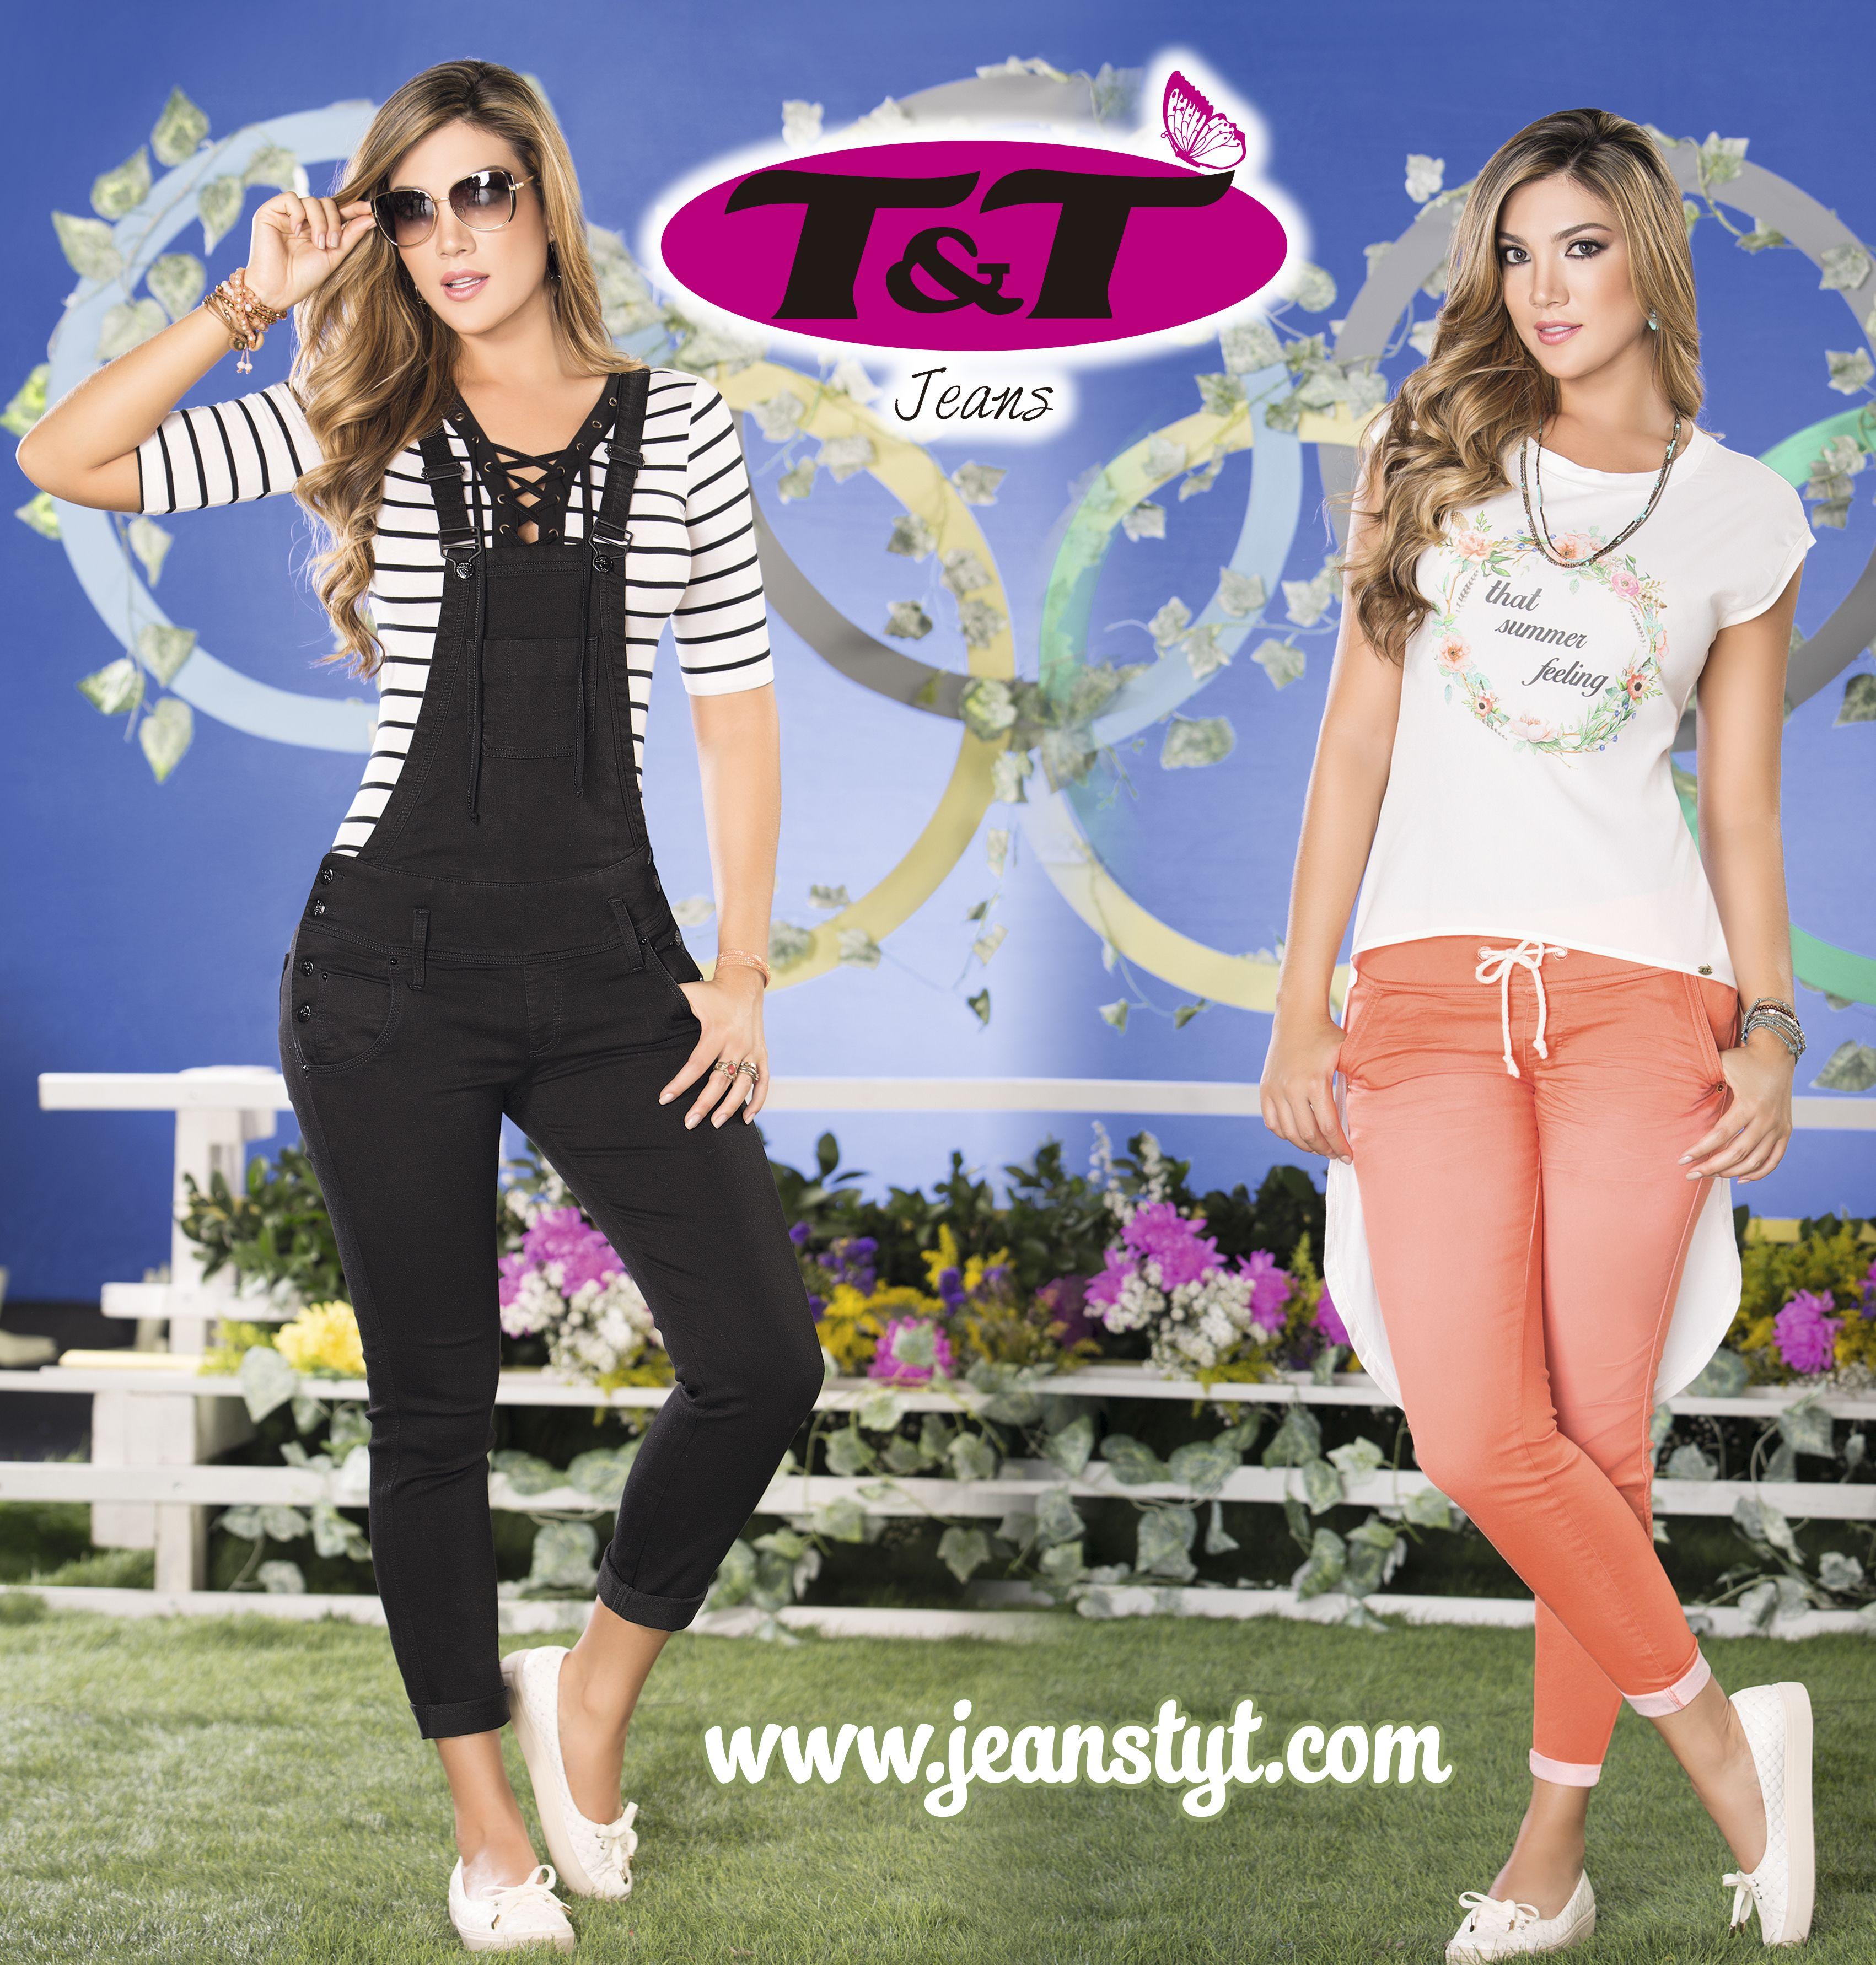 combinacin de colores y diseos en ropa femenina ideales para lograr un look fresco y